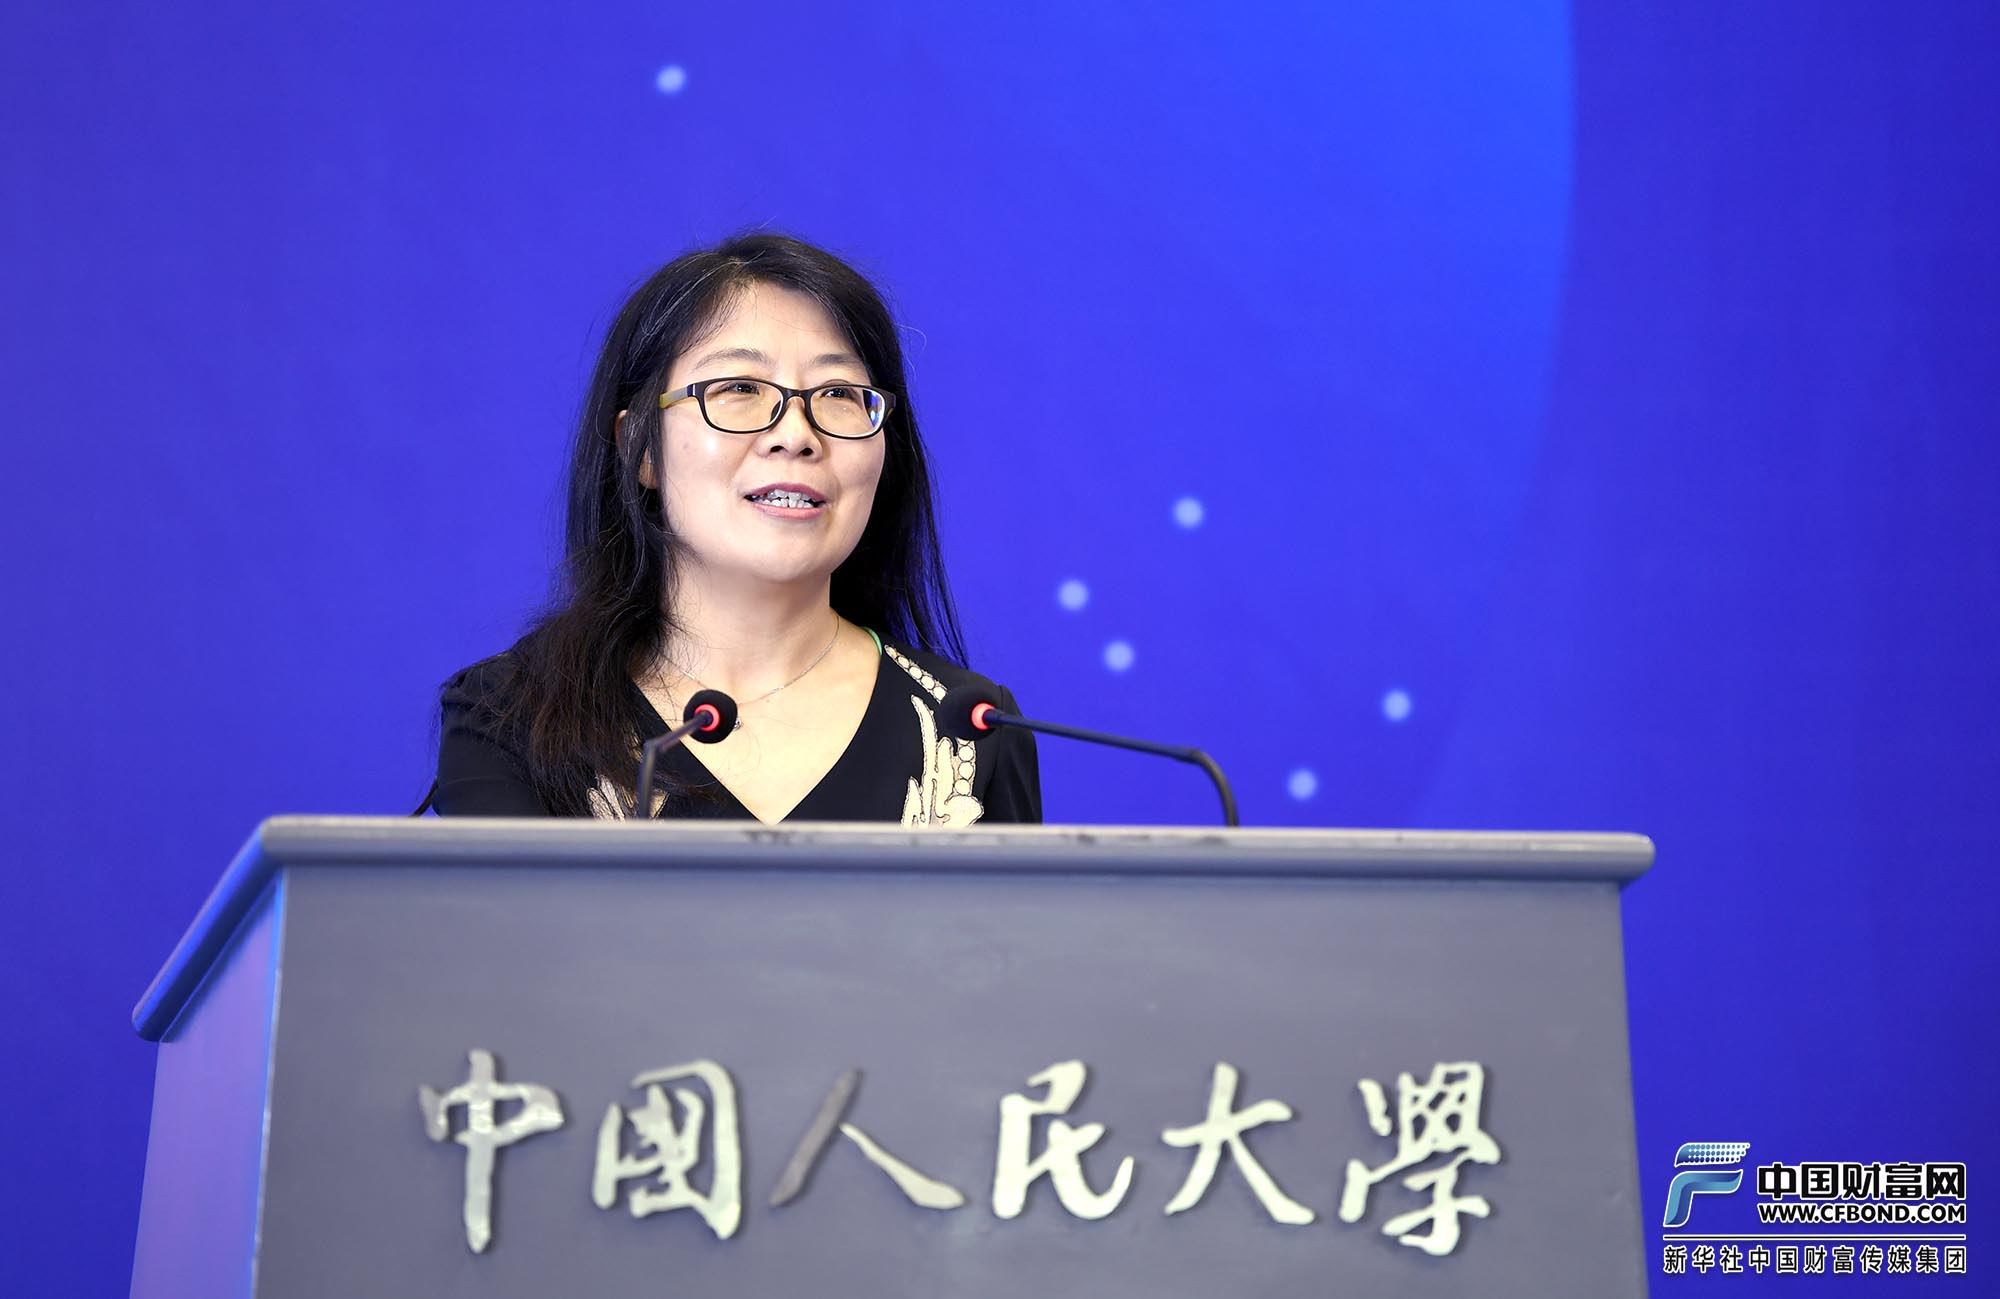 中国人民大学中国保险研究所所长魏丽开场、宣读比赛规则